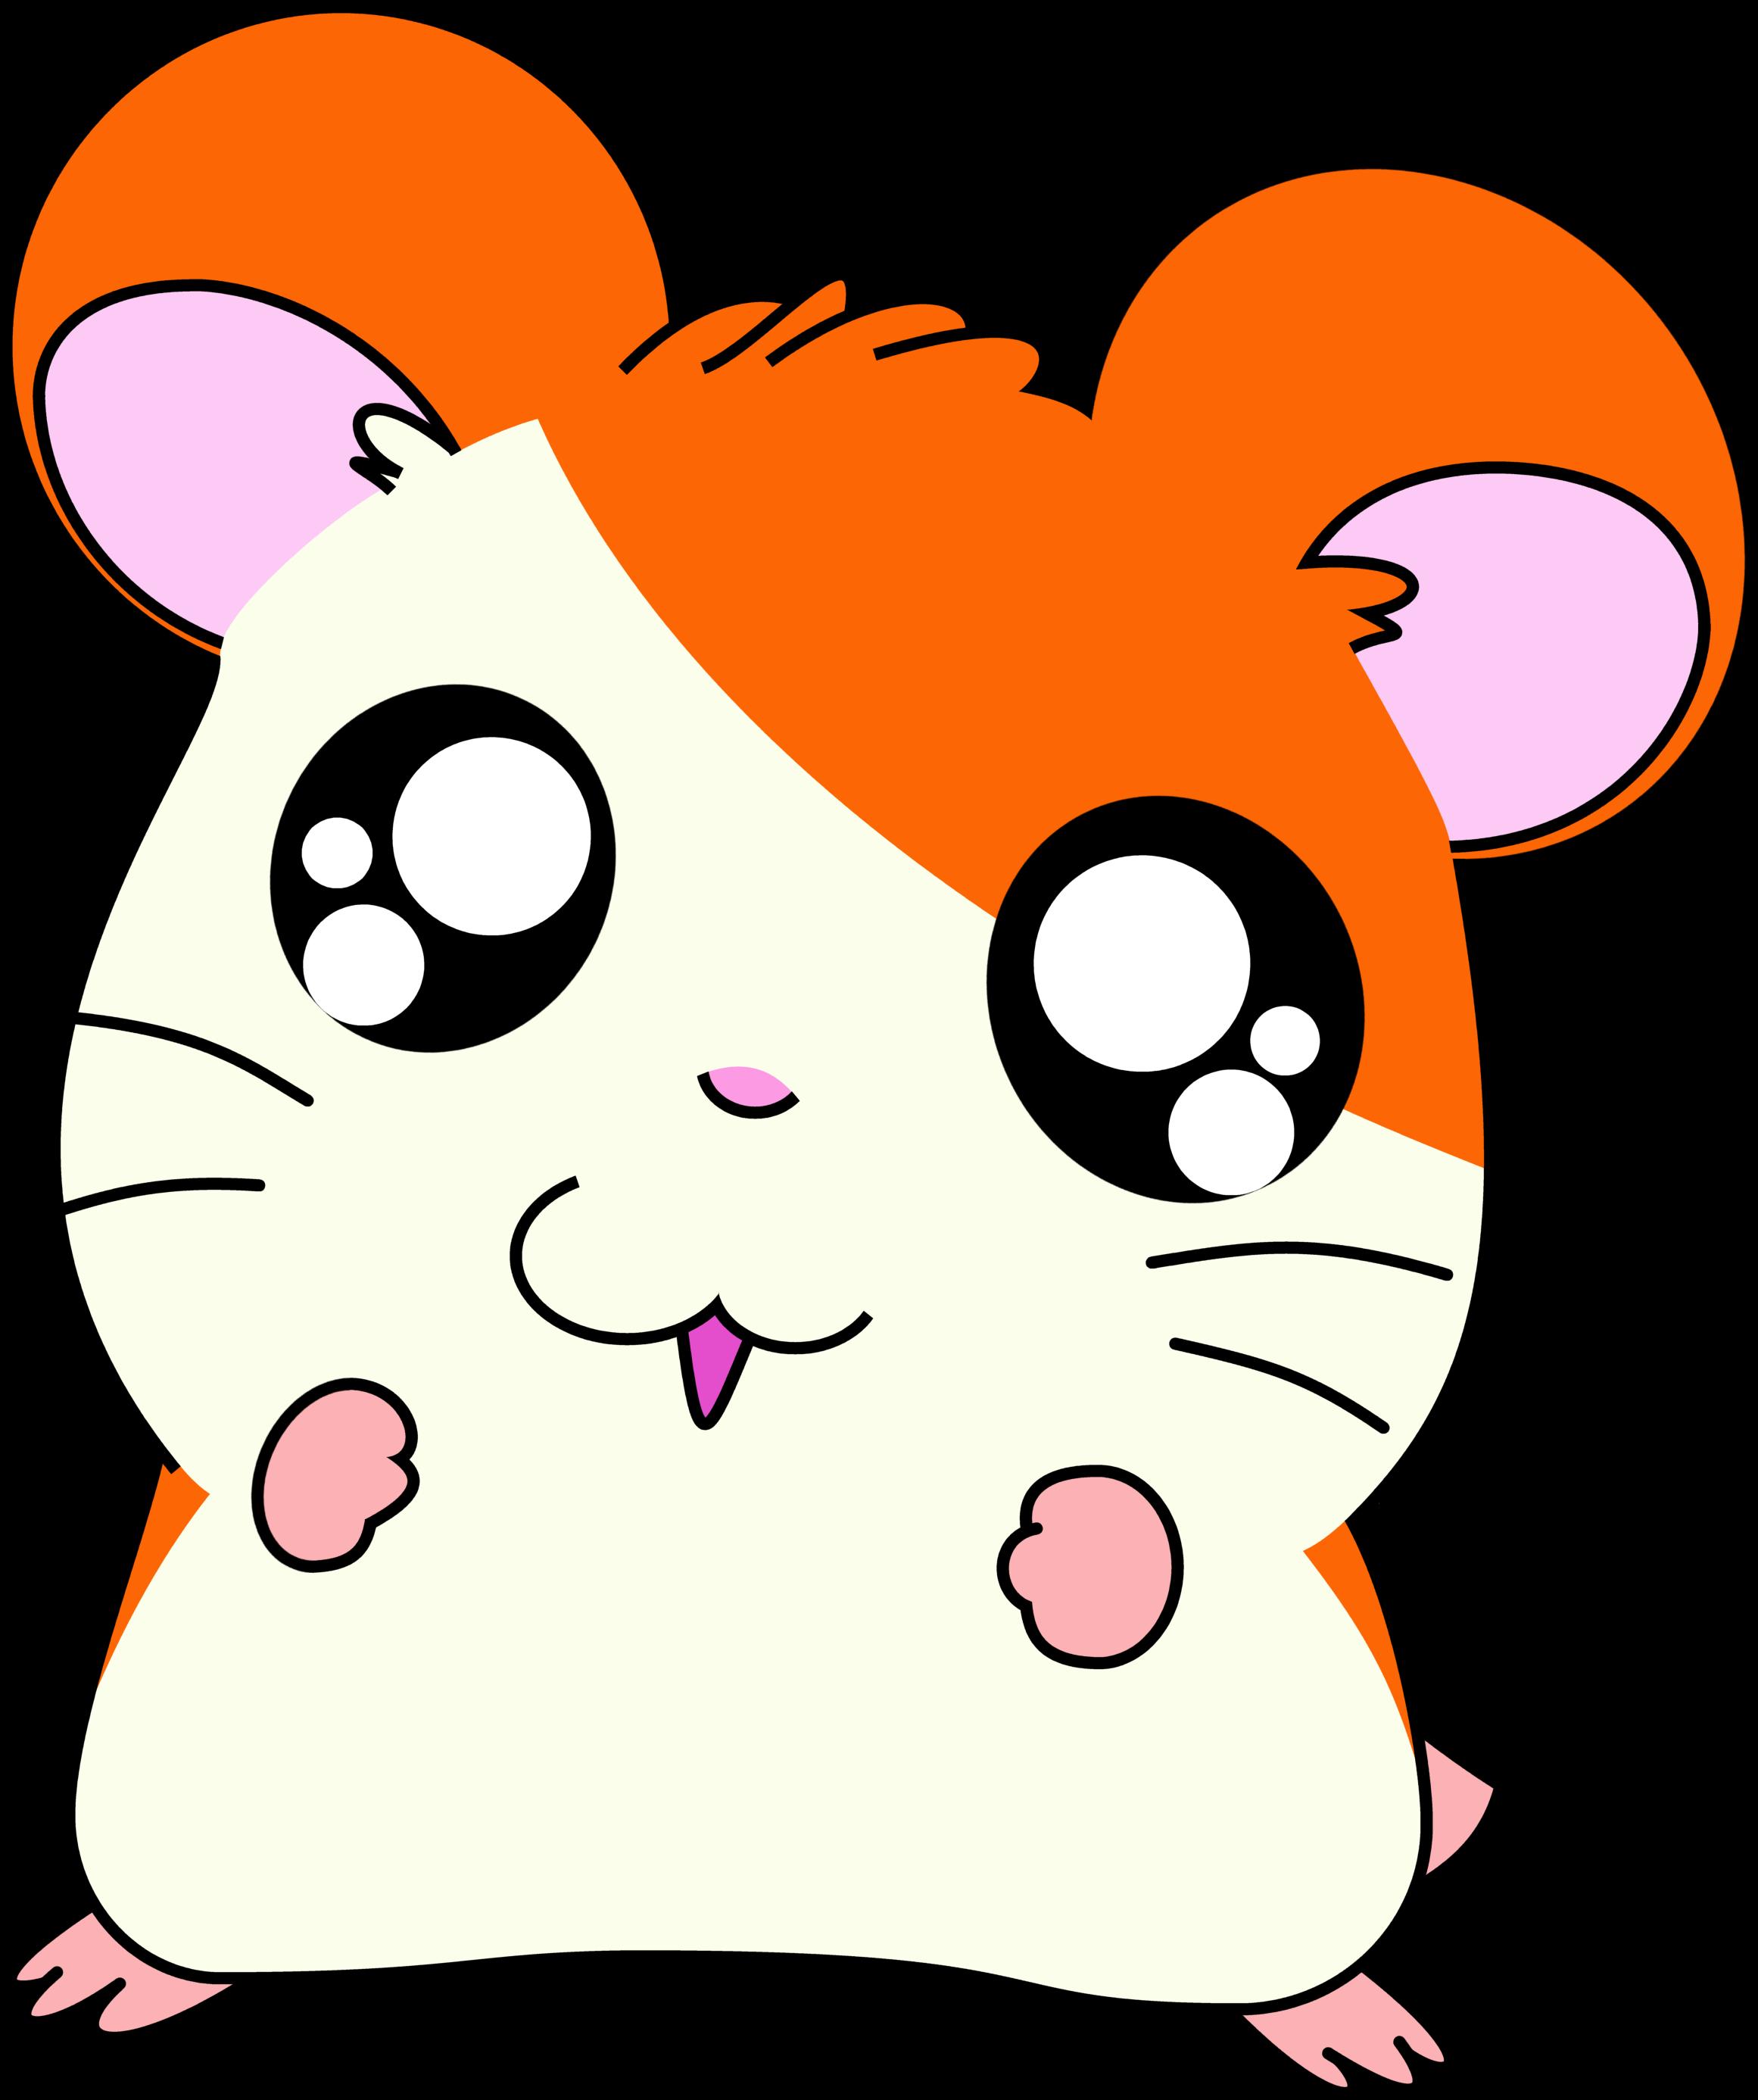 Ham clipart noche buena. Hamtaro google search anime